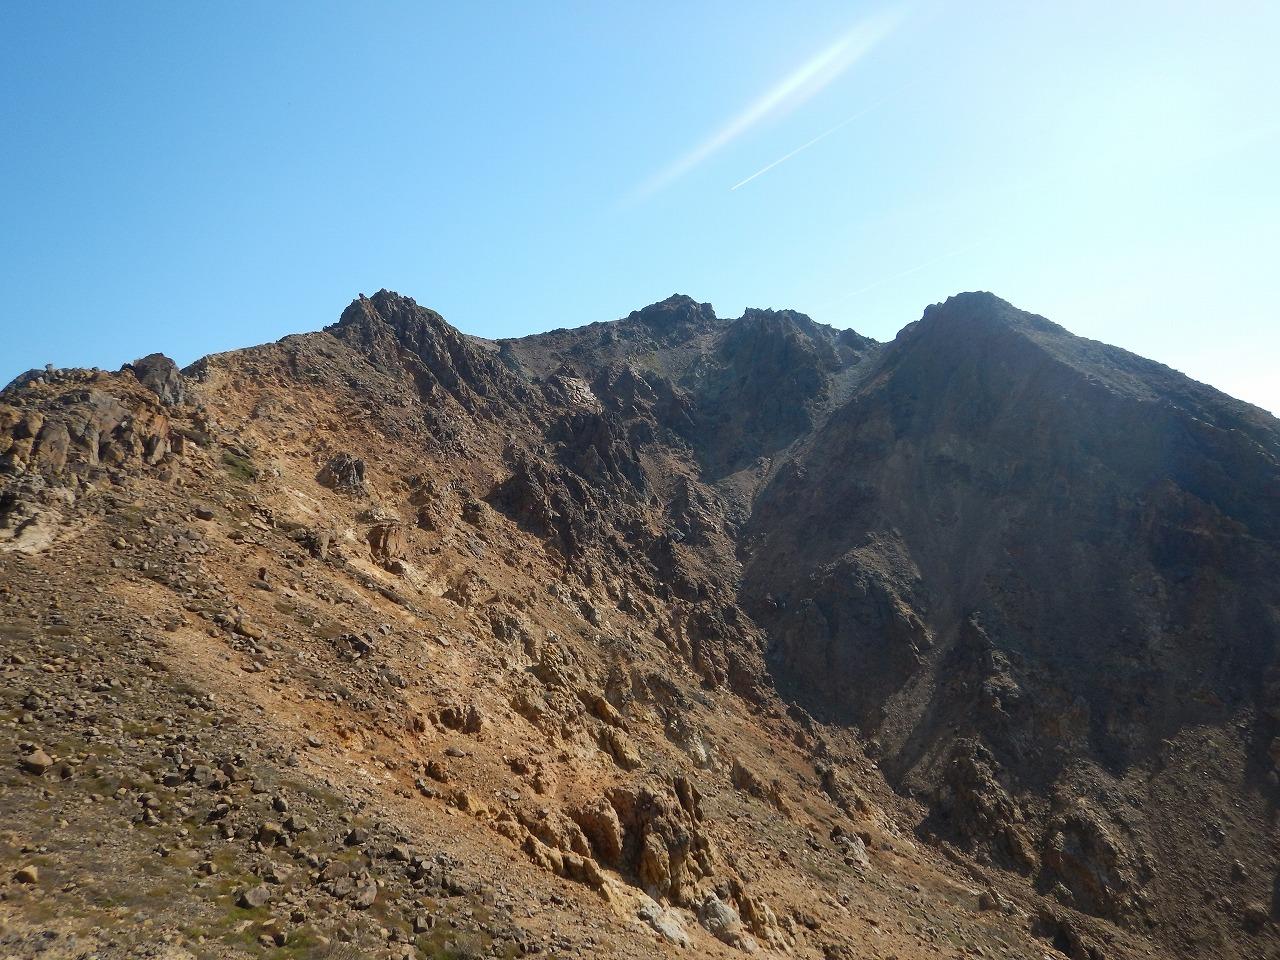 ワイルドな山容の朝日岳